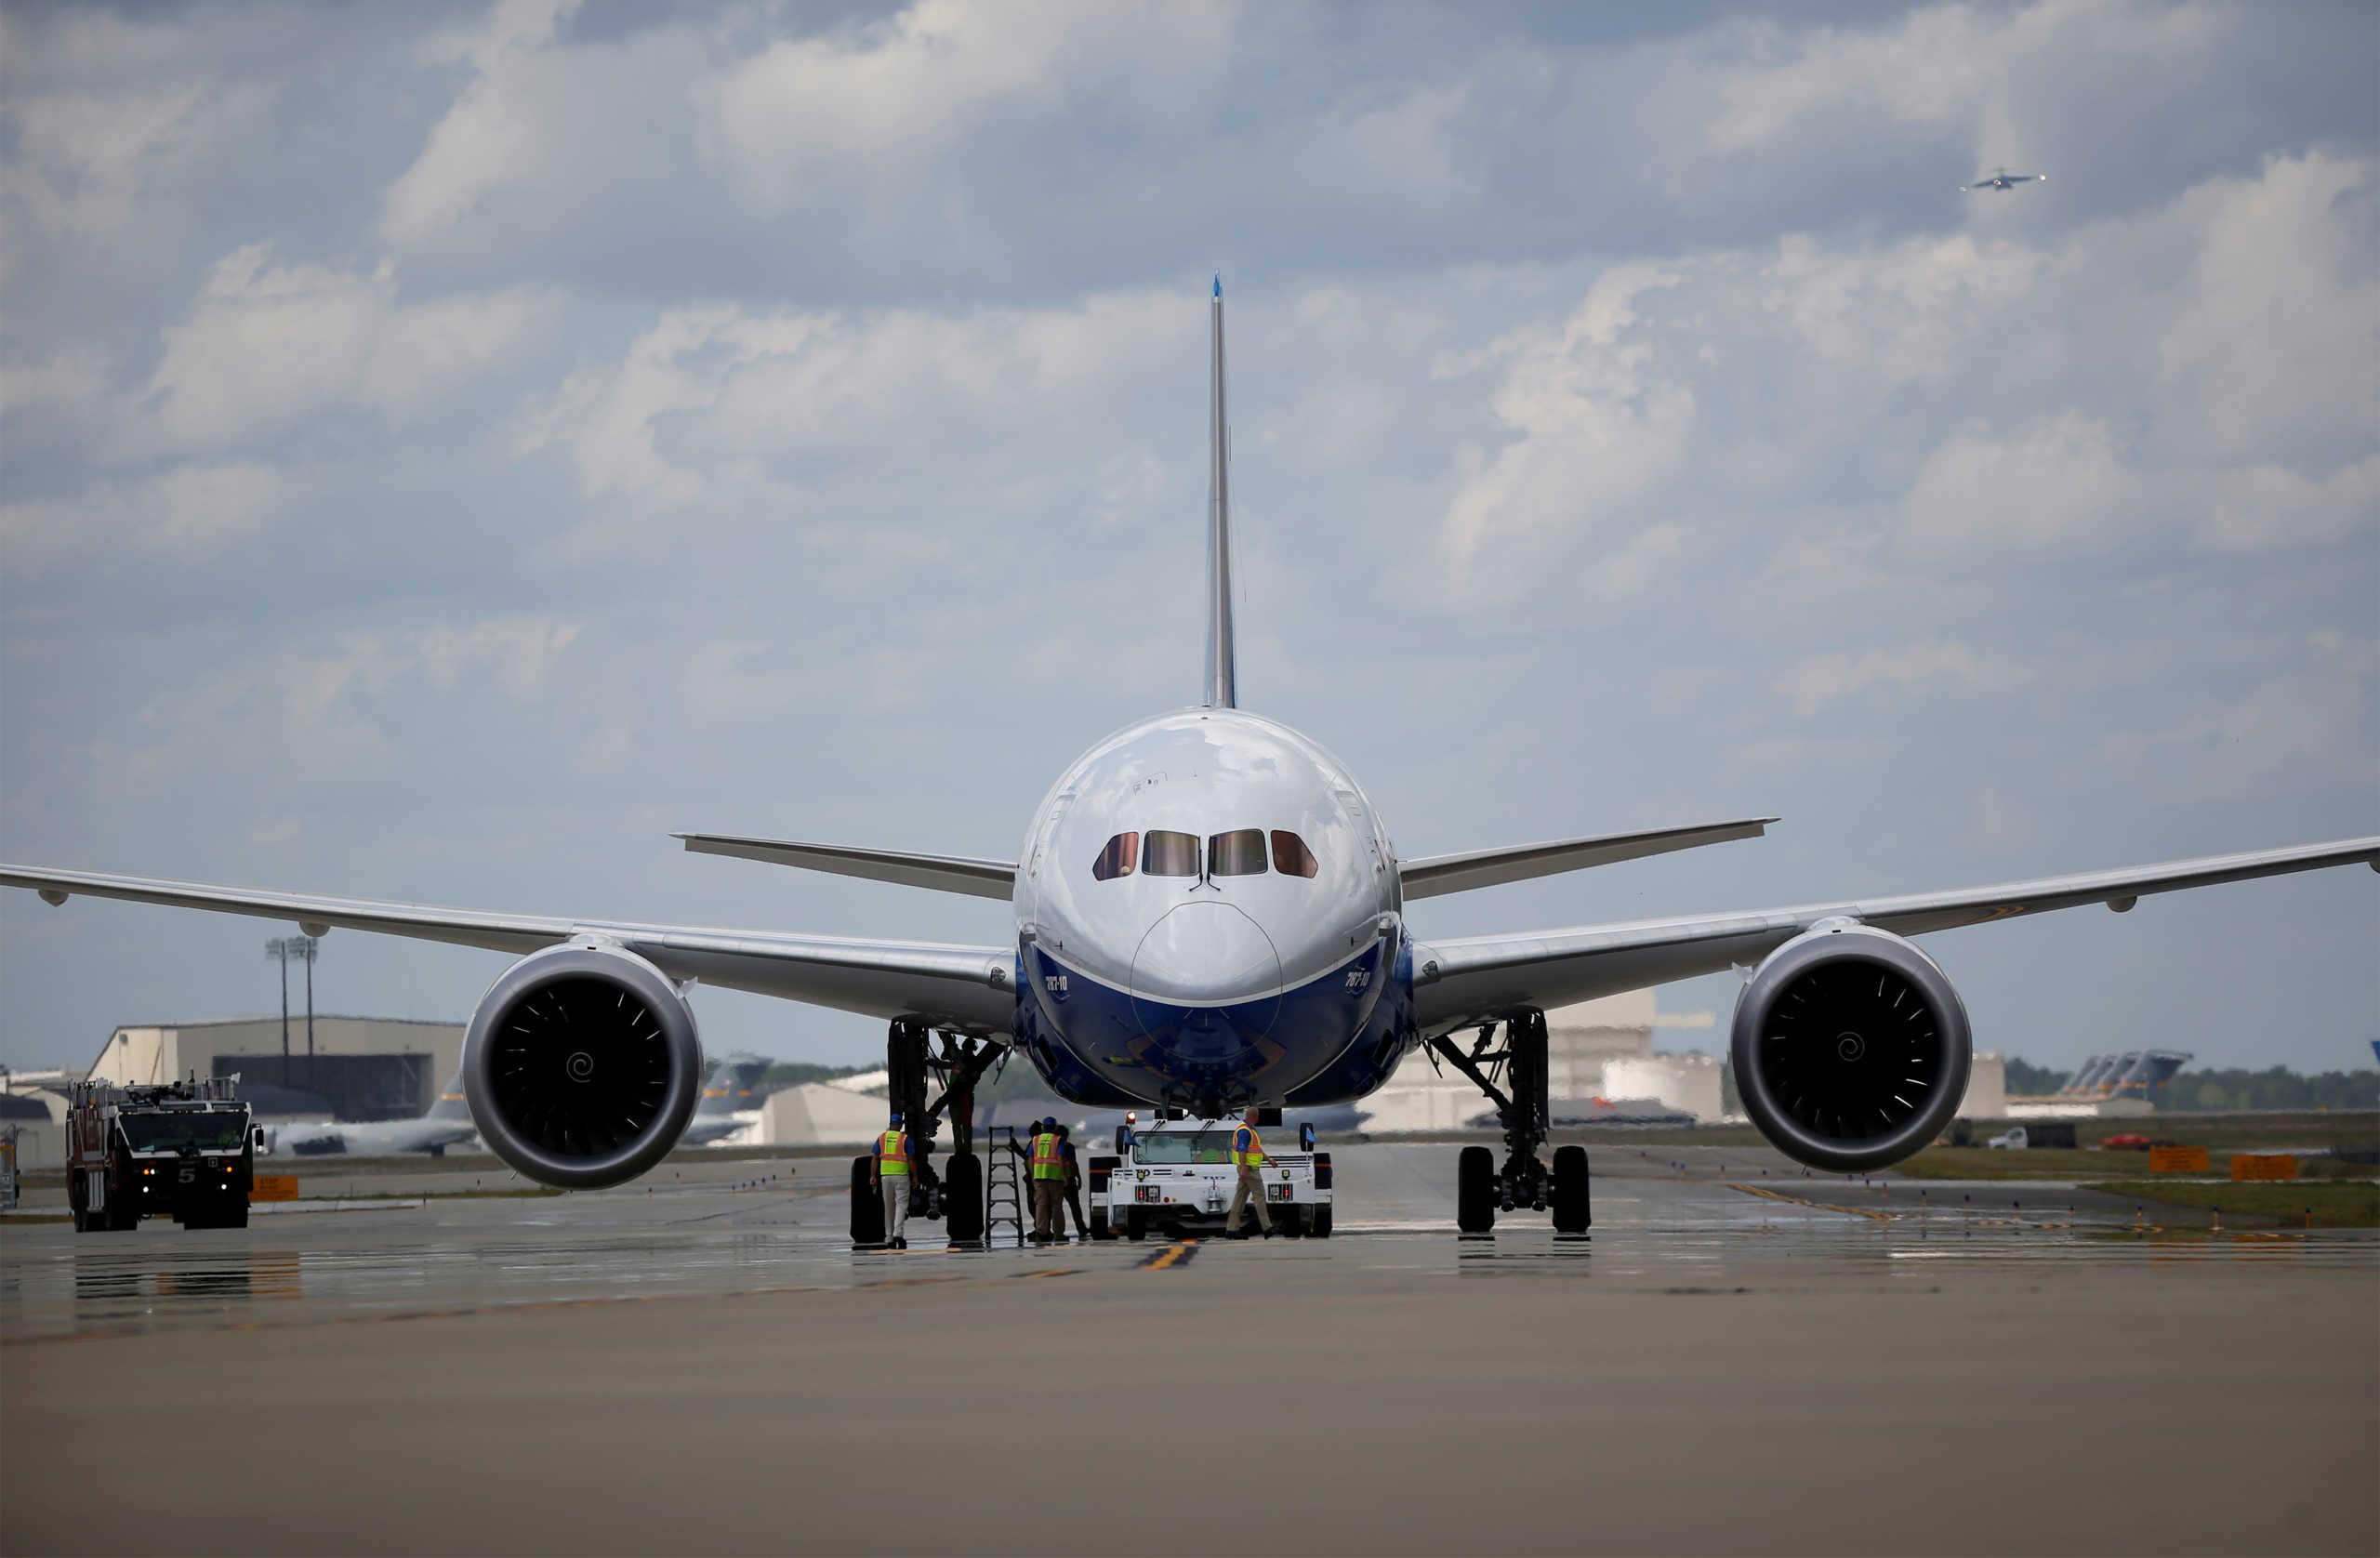 Κι άλλο προβληματικό αεροπλάνο από την Boeing! Καθυστερούν τα 787 Dreamliner